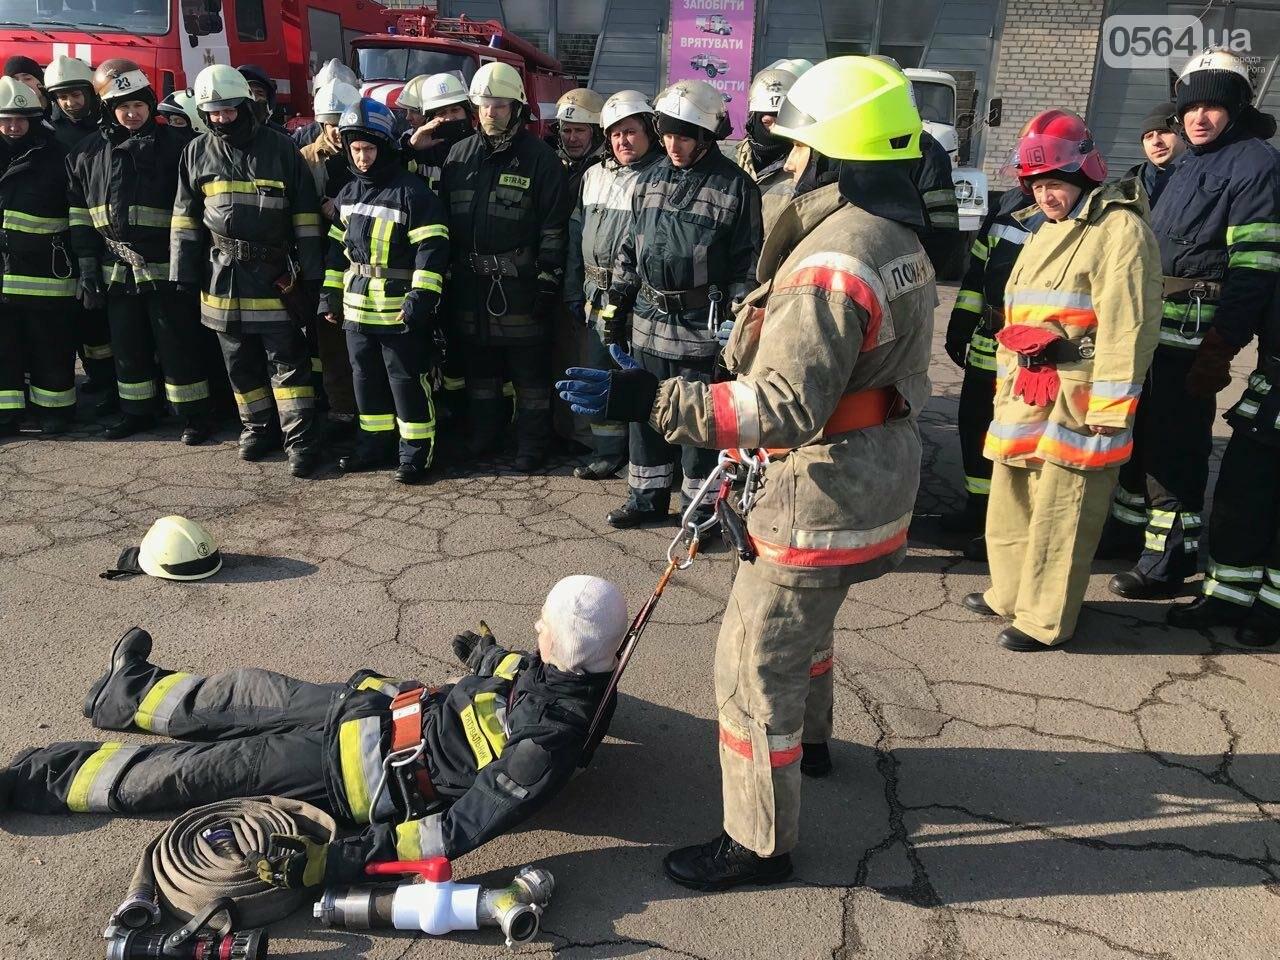 Криворожские спасатели повышали оперативное мастерство на сложных пожарах, - ФОТО , фото-1